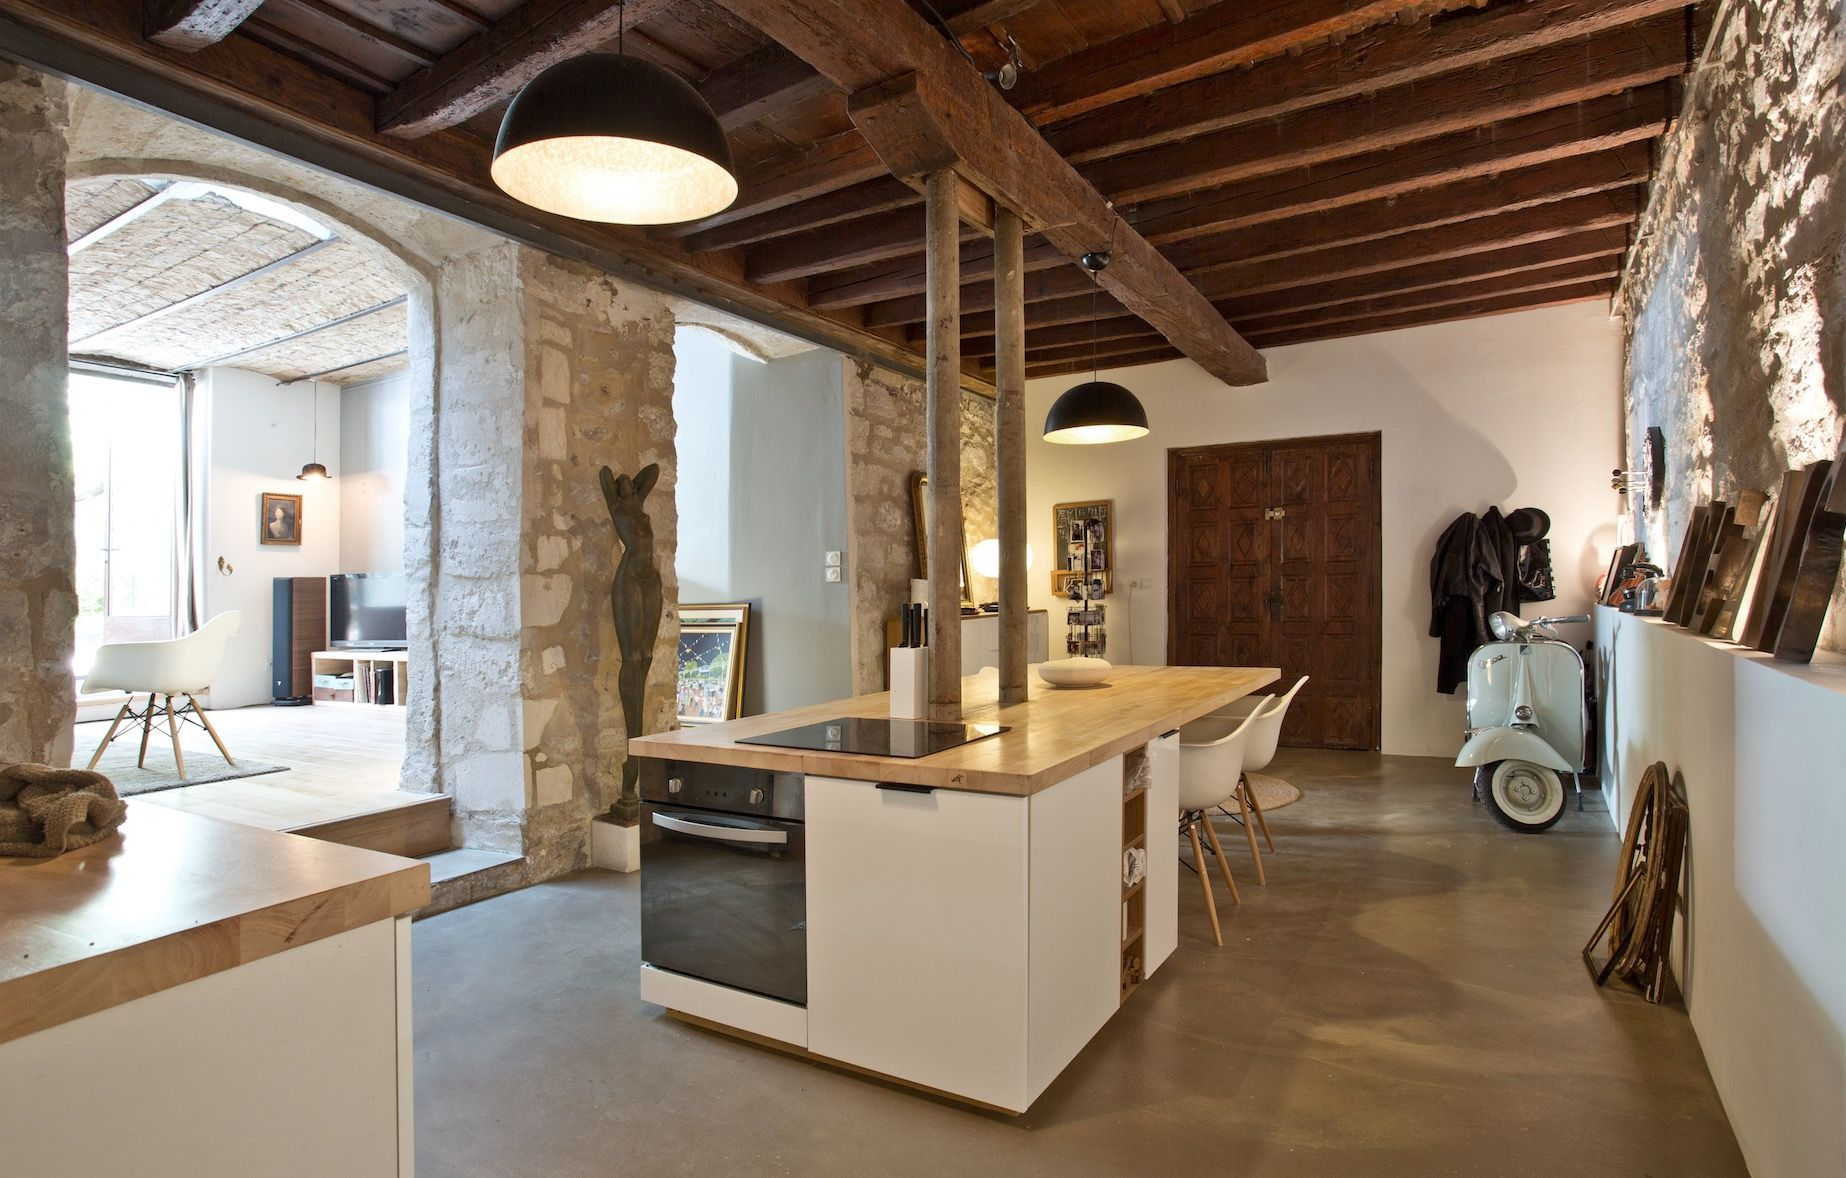 aménagement cuisine contemporain architecture intérieur sud de la ...